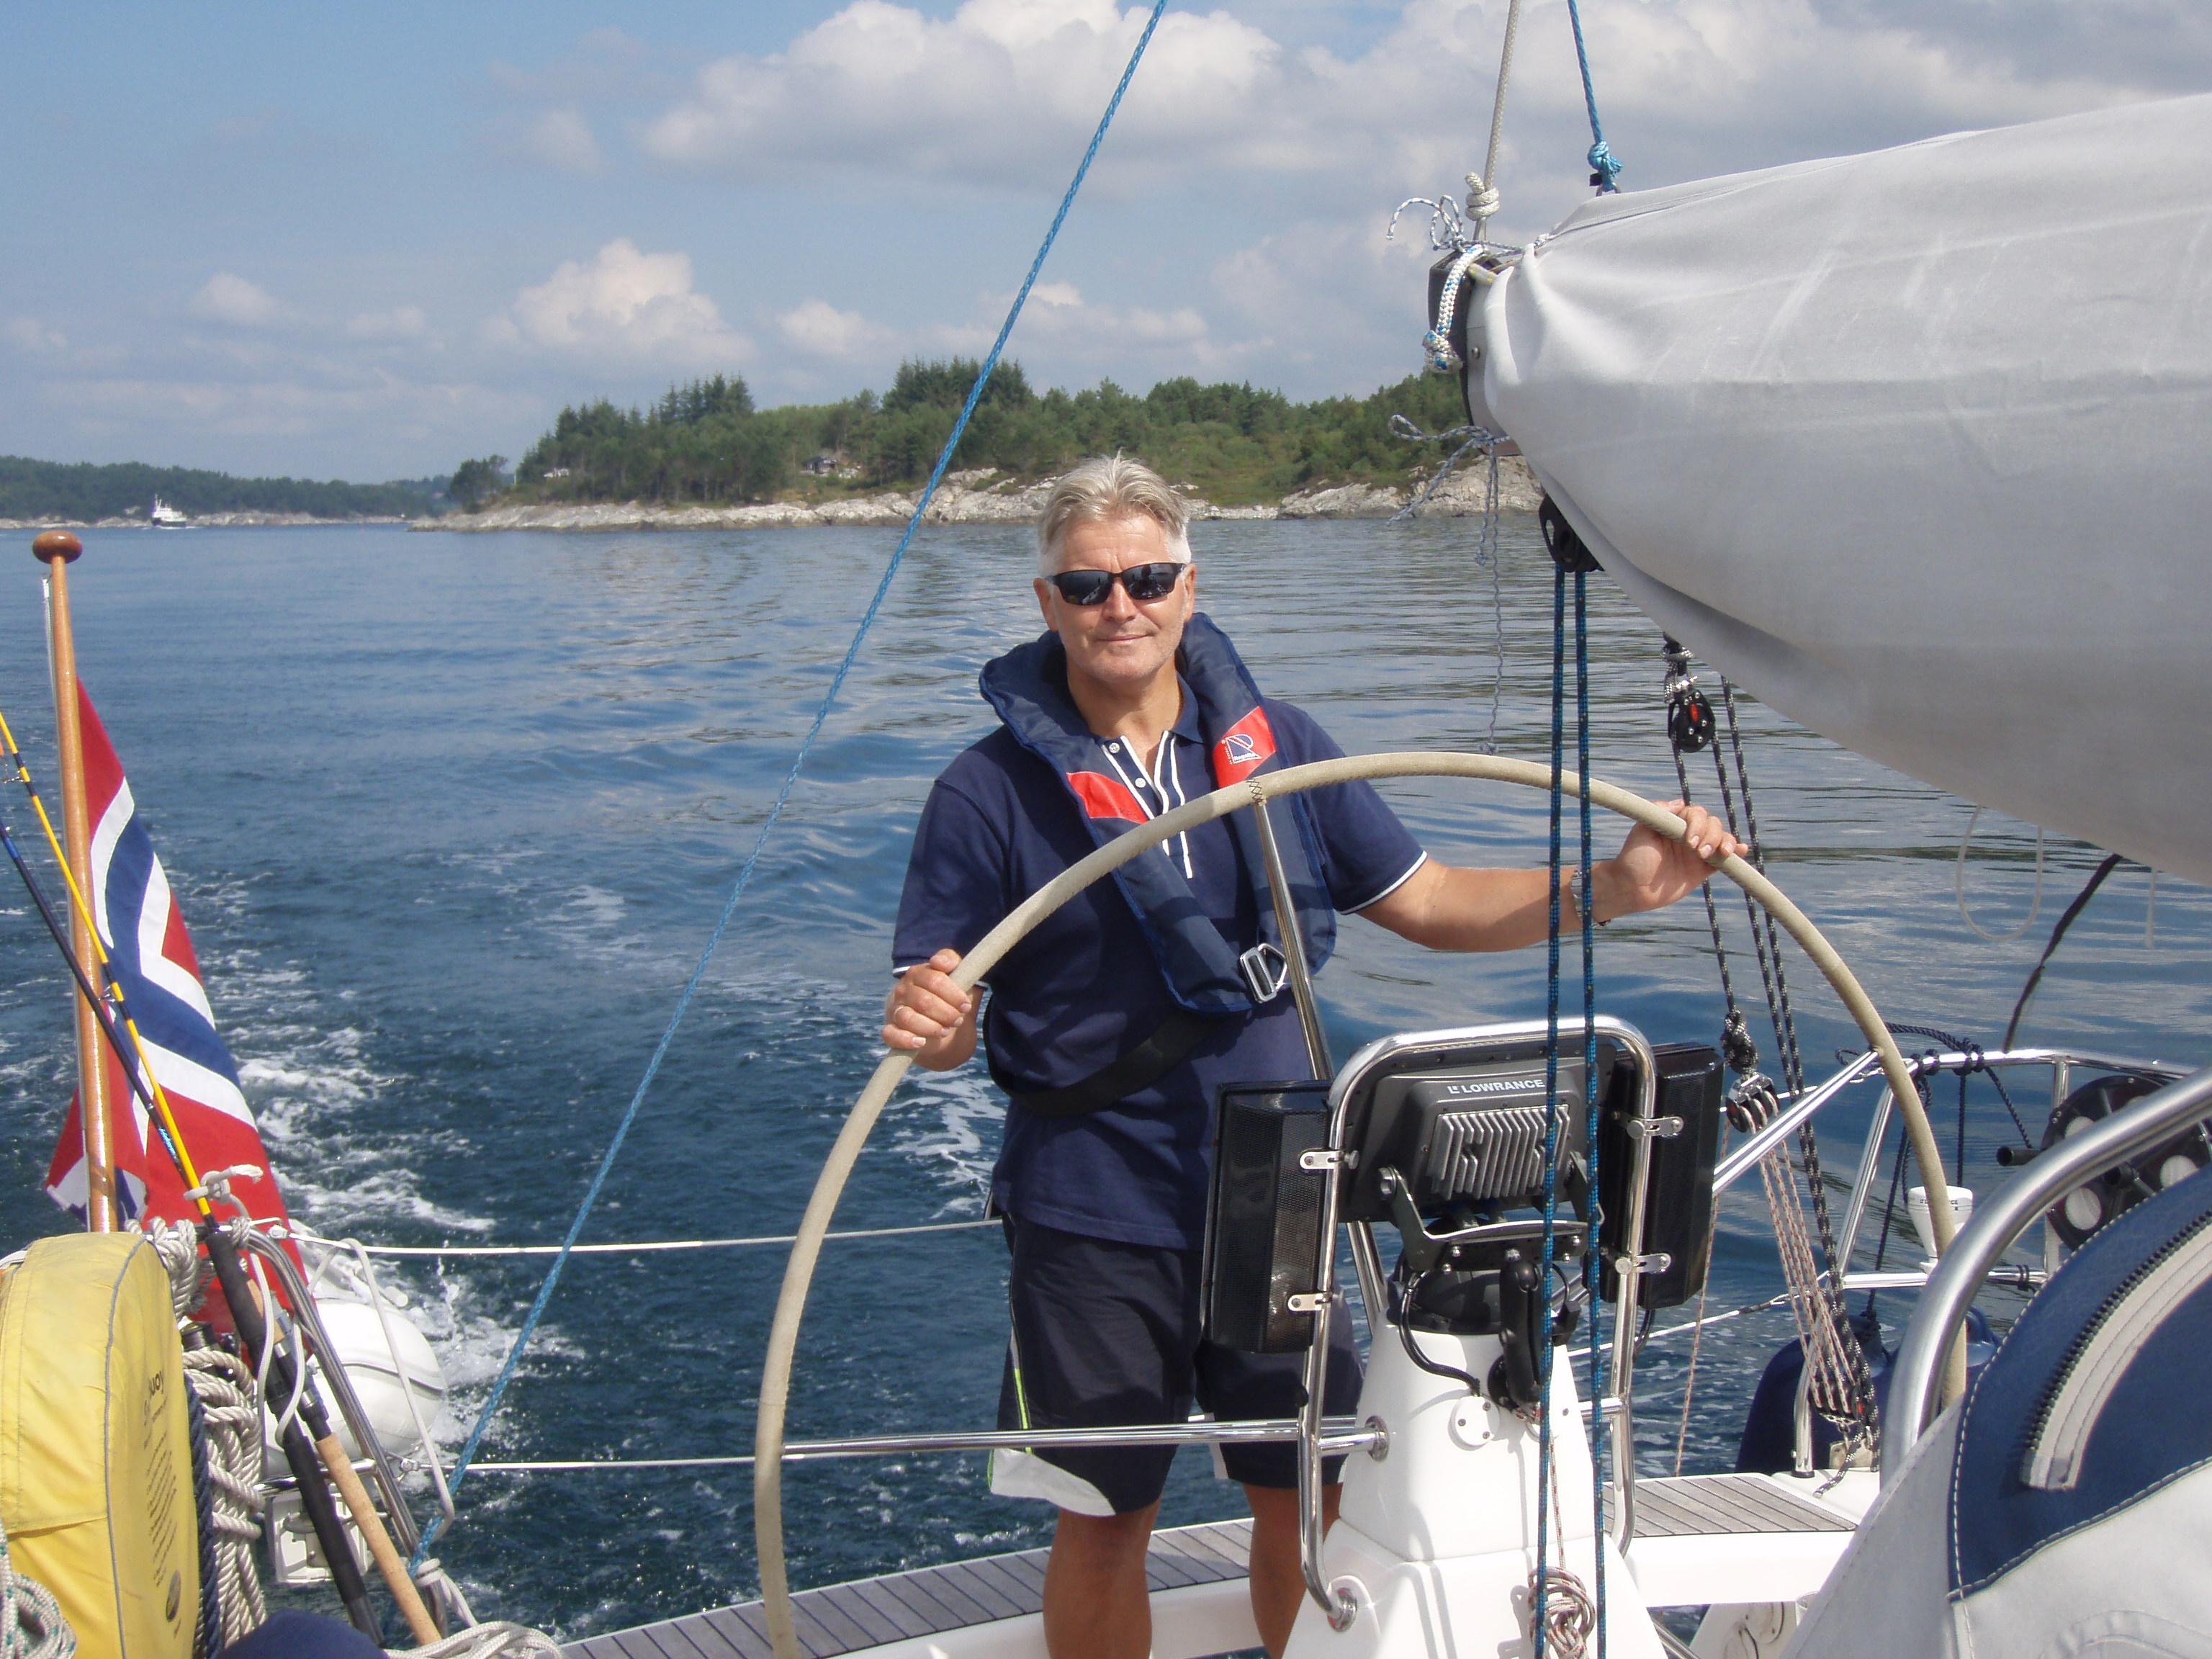 skipper01.jpg